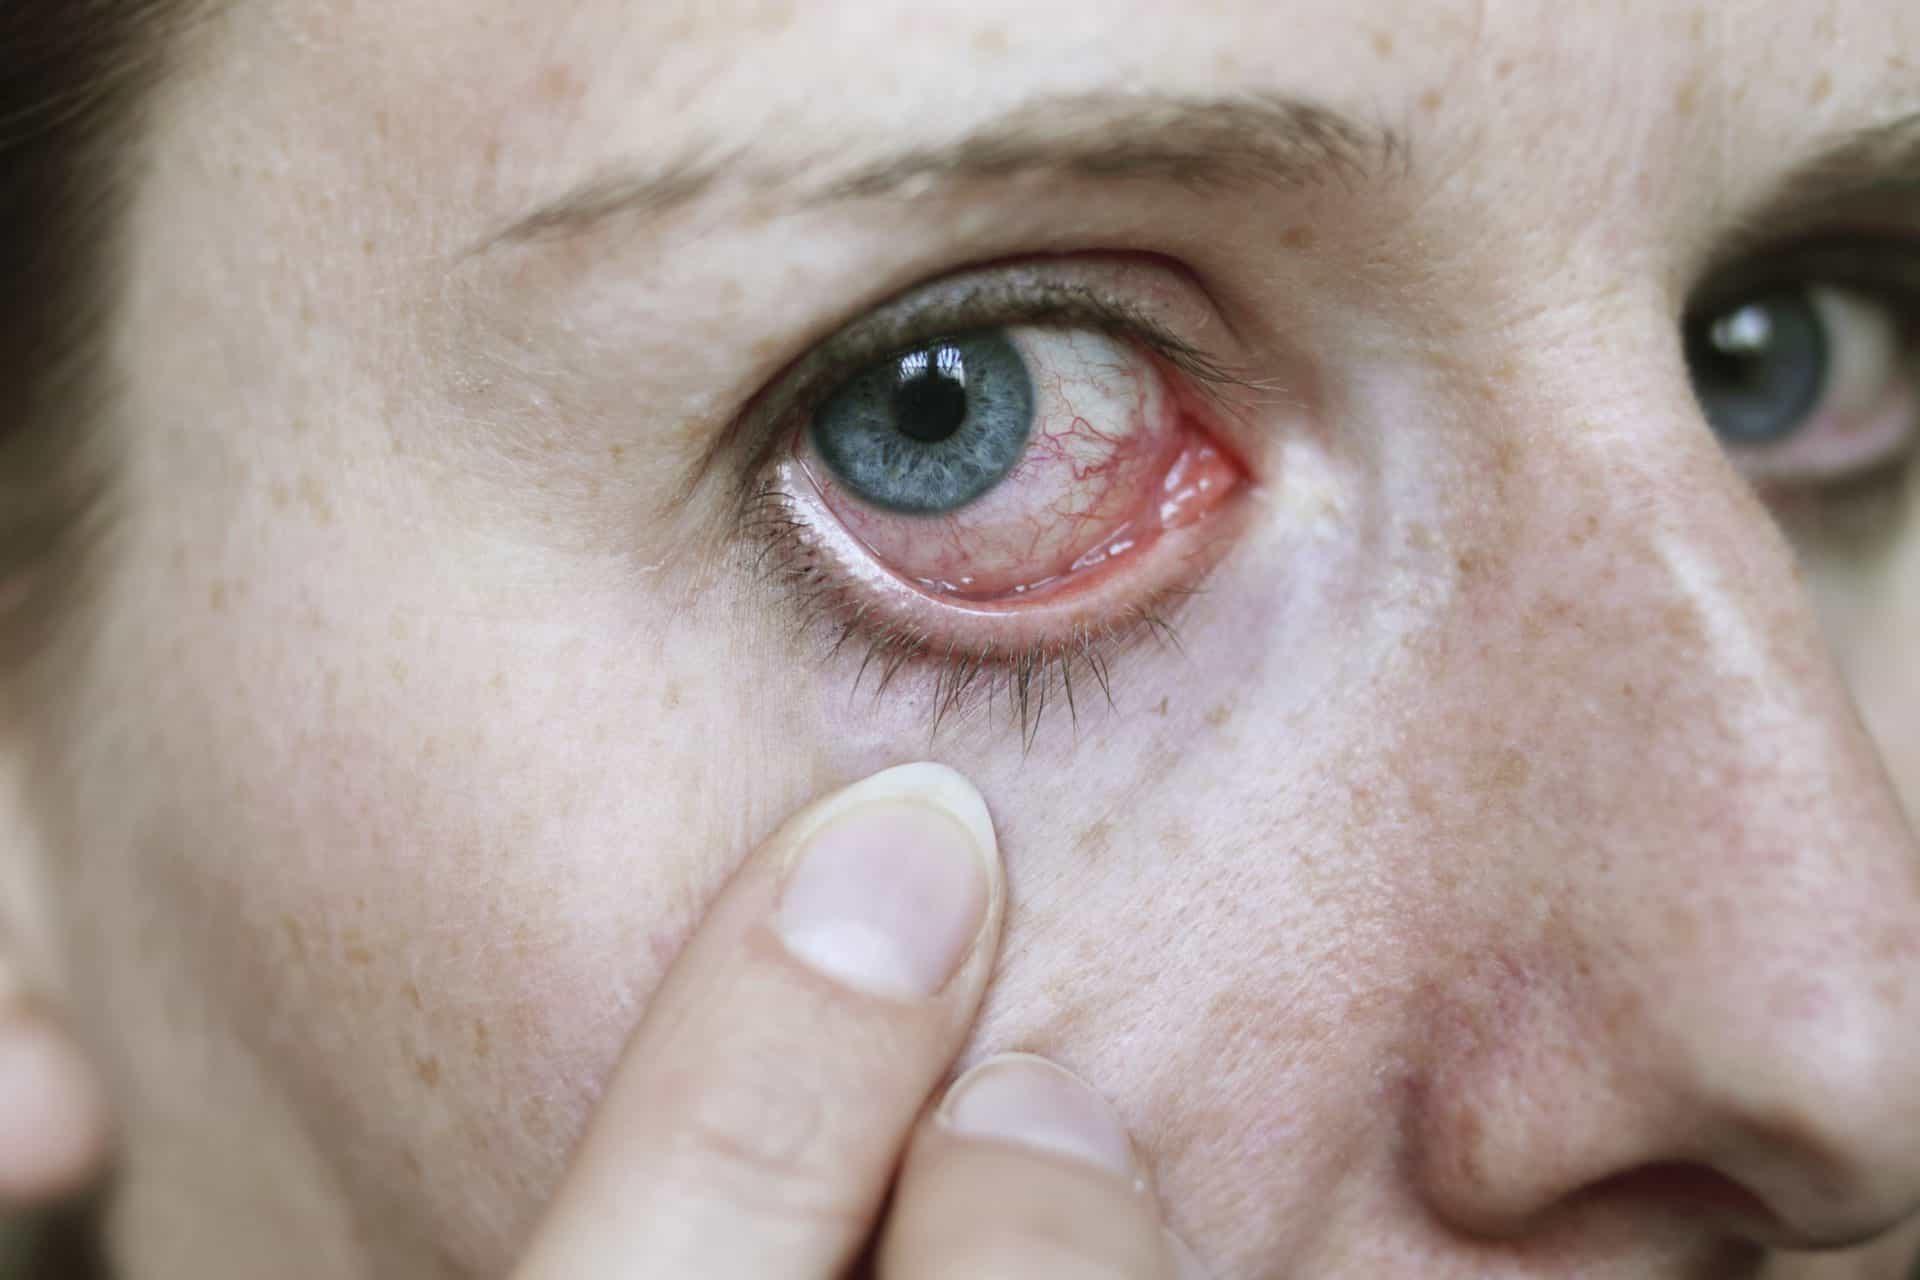 Thường xuyên giật mí mắt có thể là do một số vấn đề sức khỏe tai hại dưới đây - Ảnh 1.